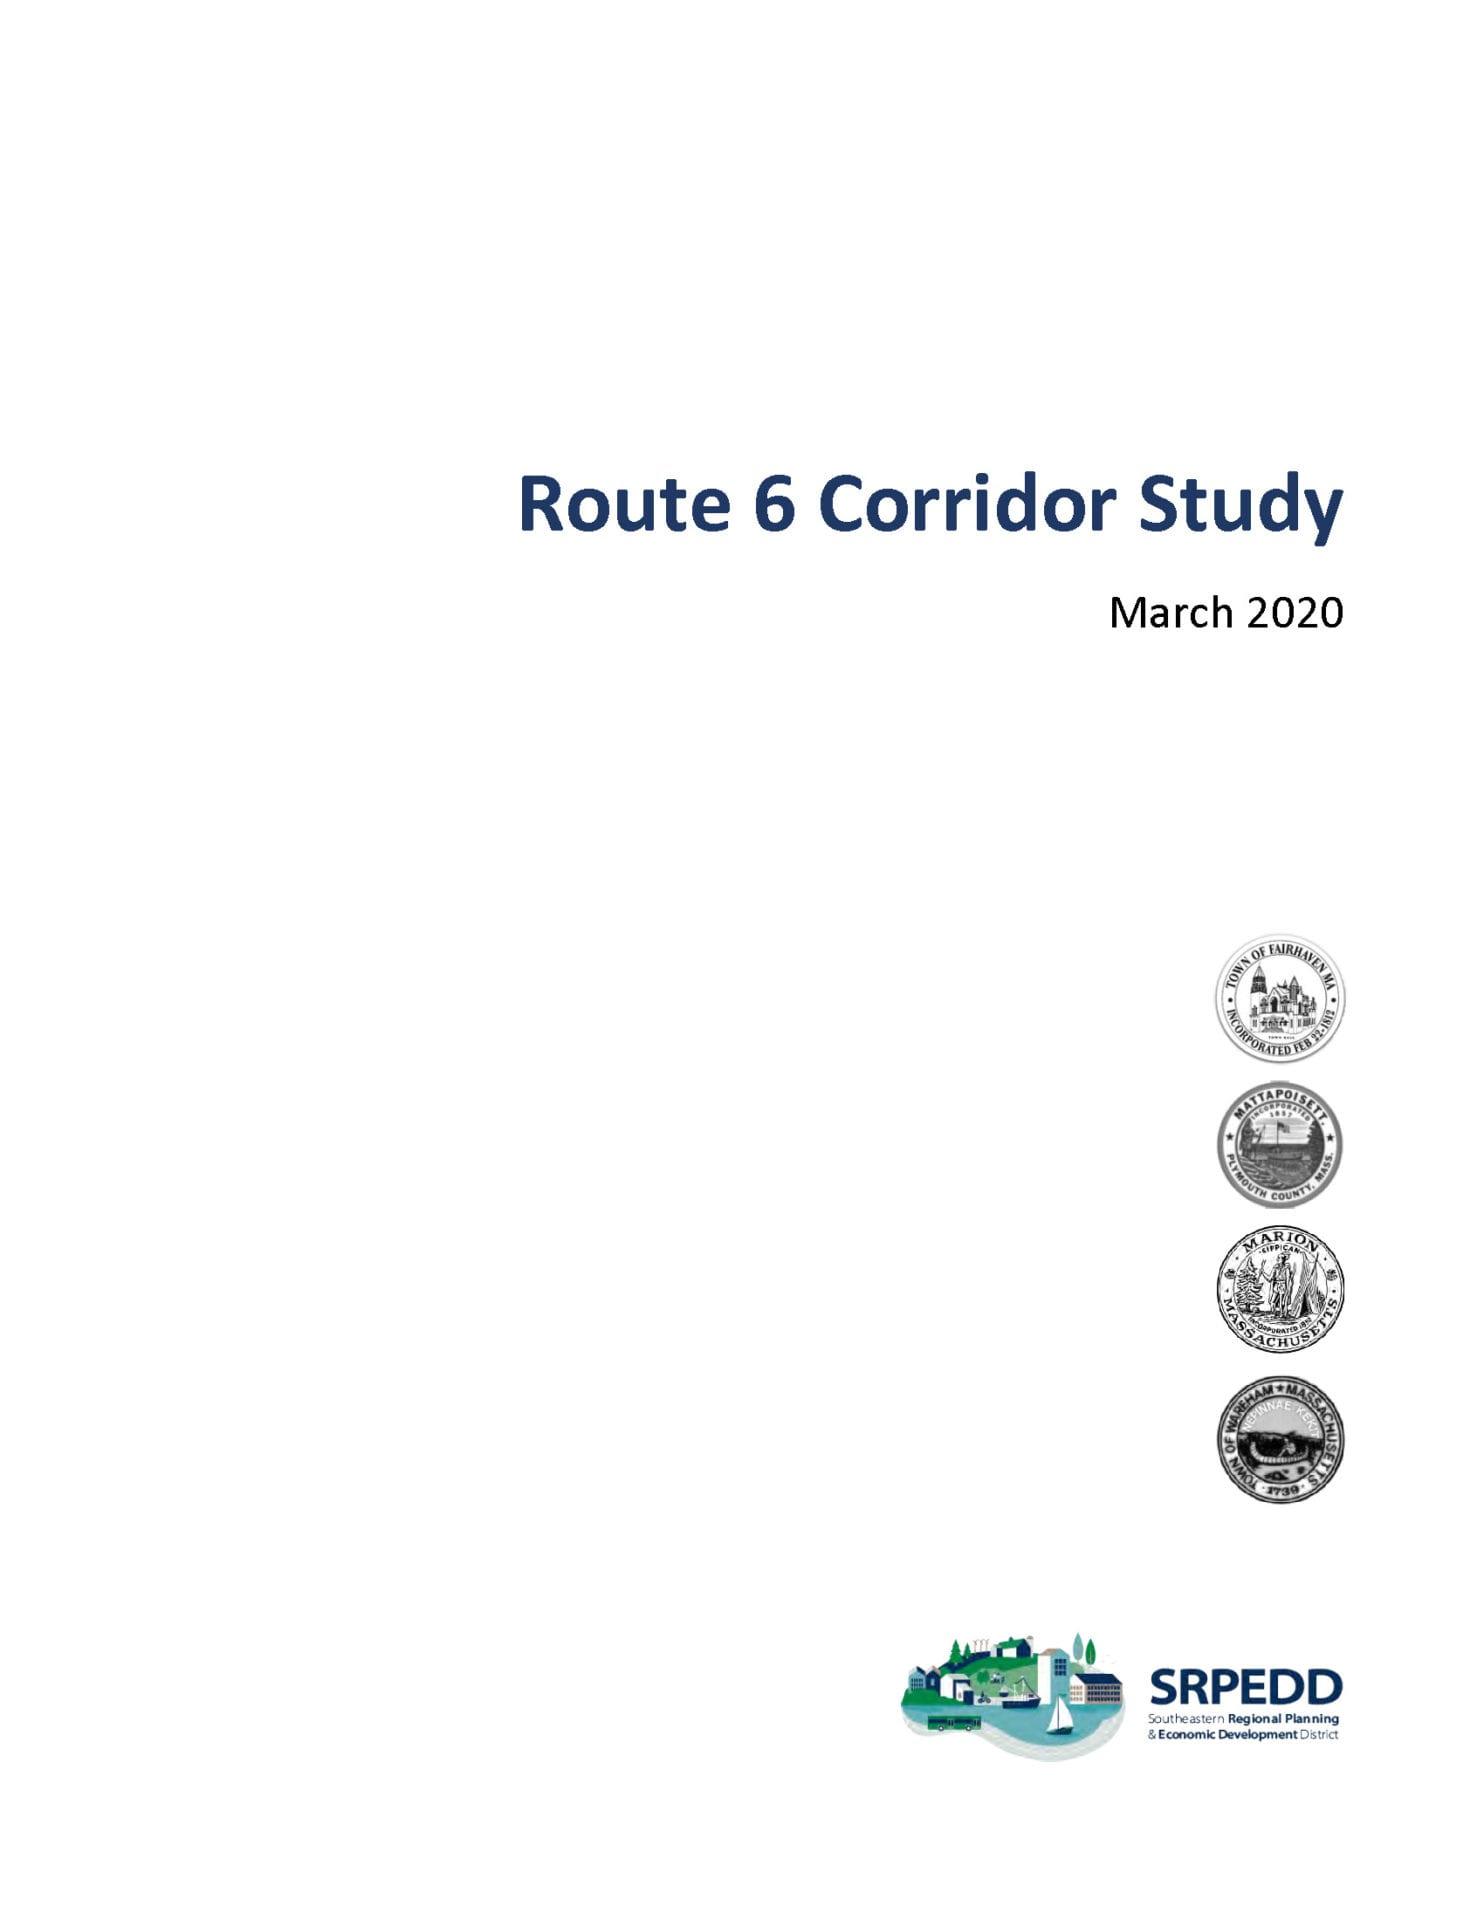 Route 6 Corridor Study Report Cover